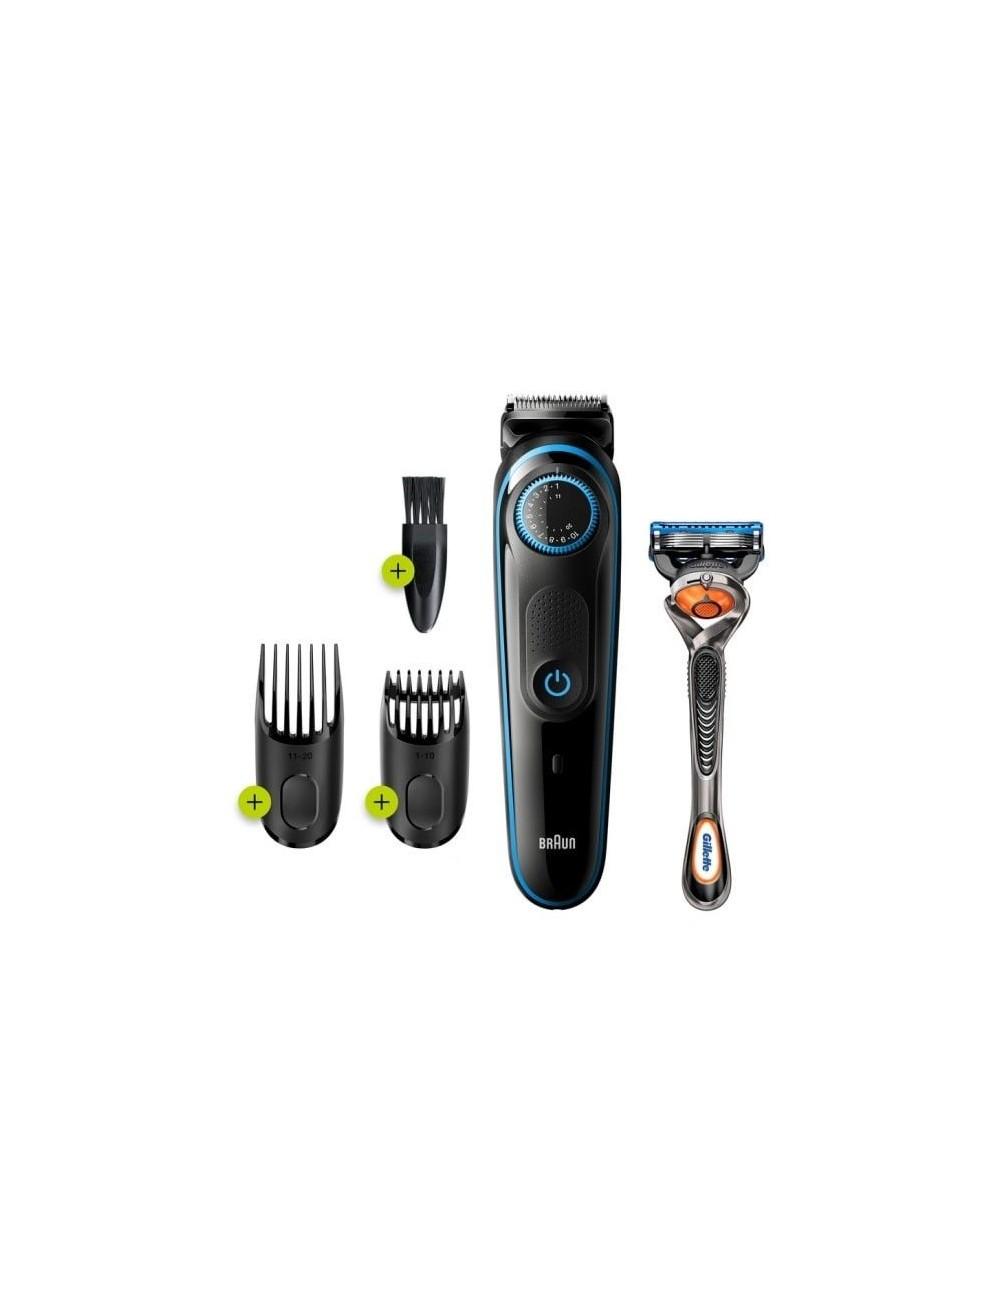 Recortadora barba BRAUN BT5240 Barbero con Dial Precision